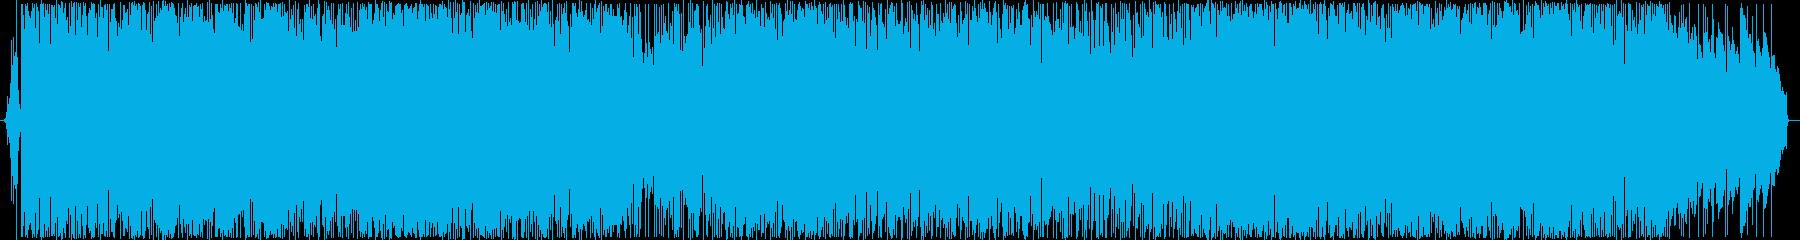 80年代アイドル歌謡漂うさわやかBGMの再生済みの波形